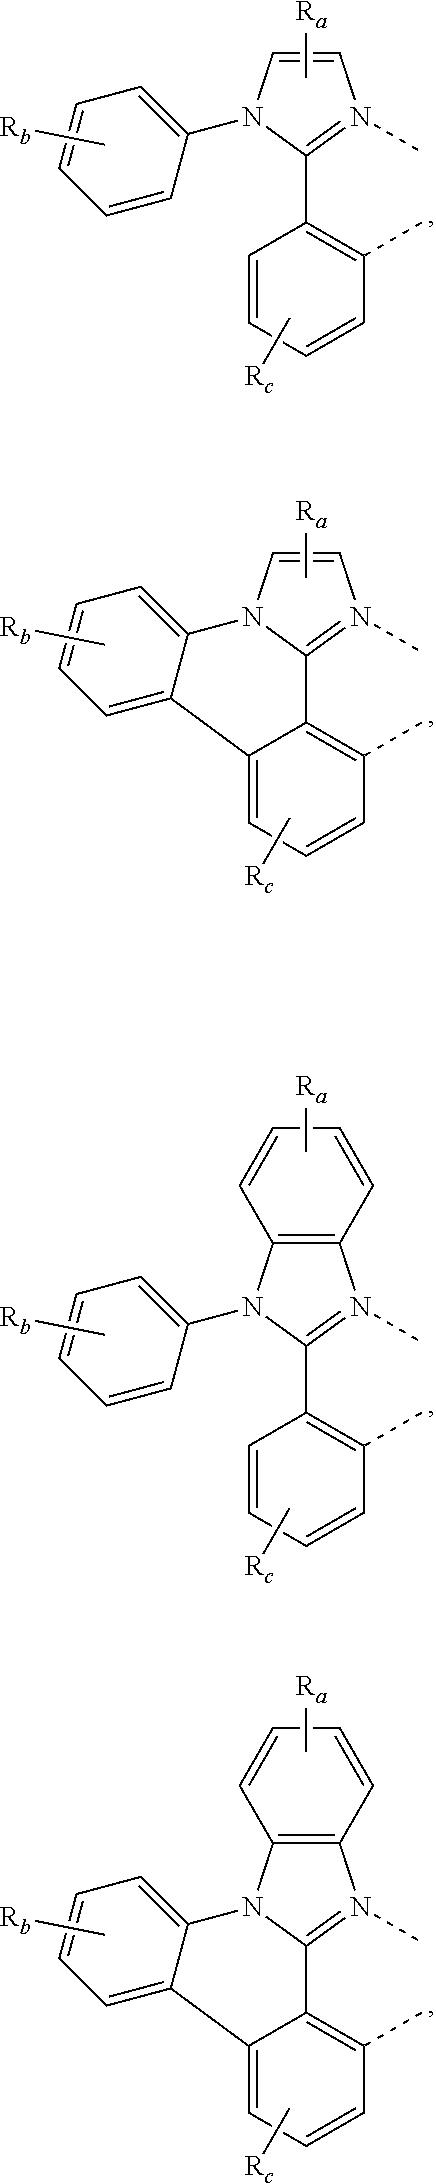 Figure US09406892-20160802-C00046